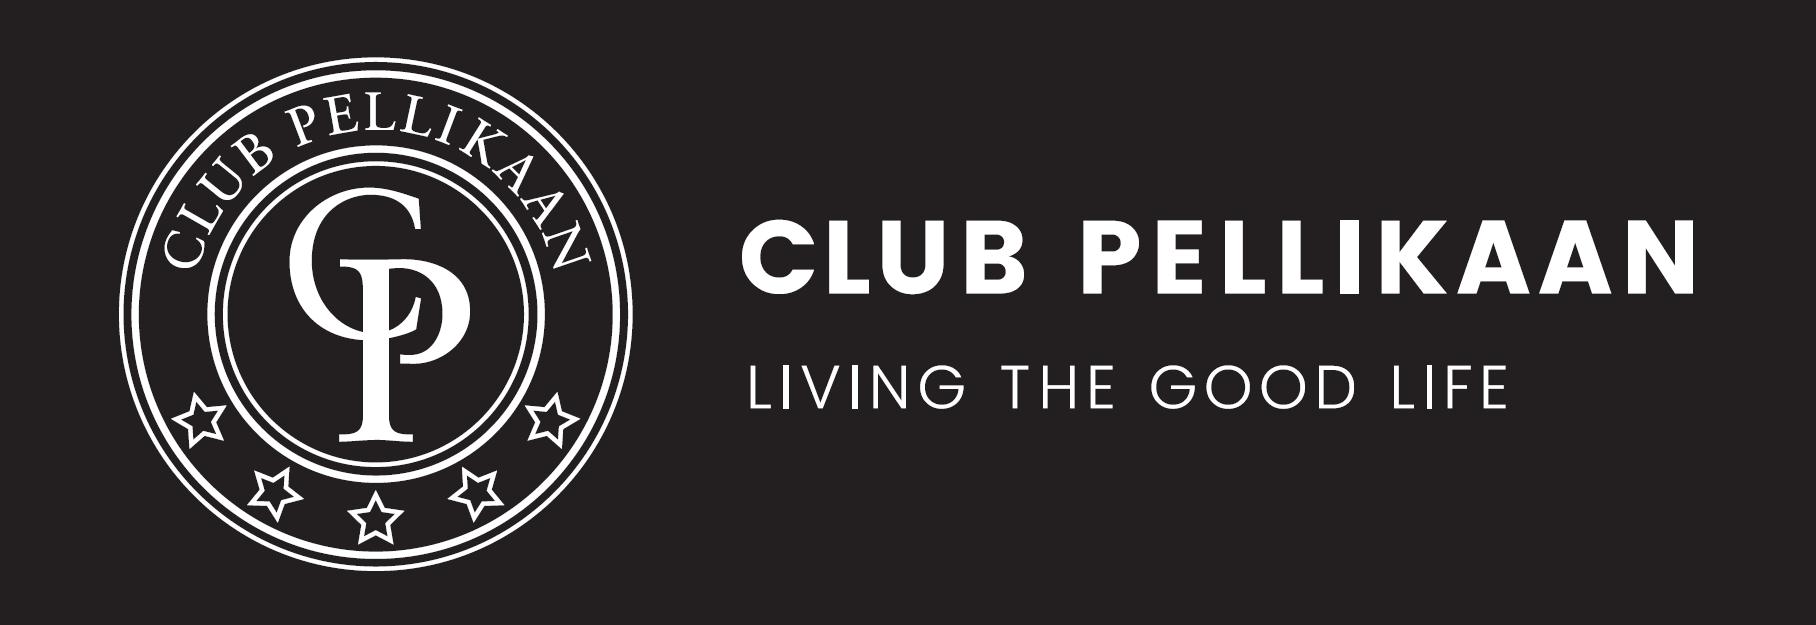 Club-Pellikaan